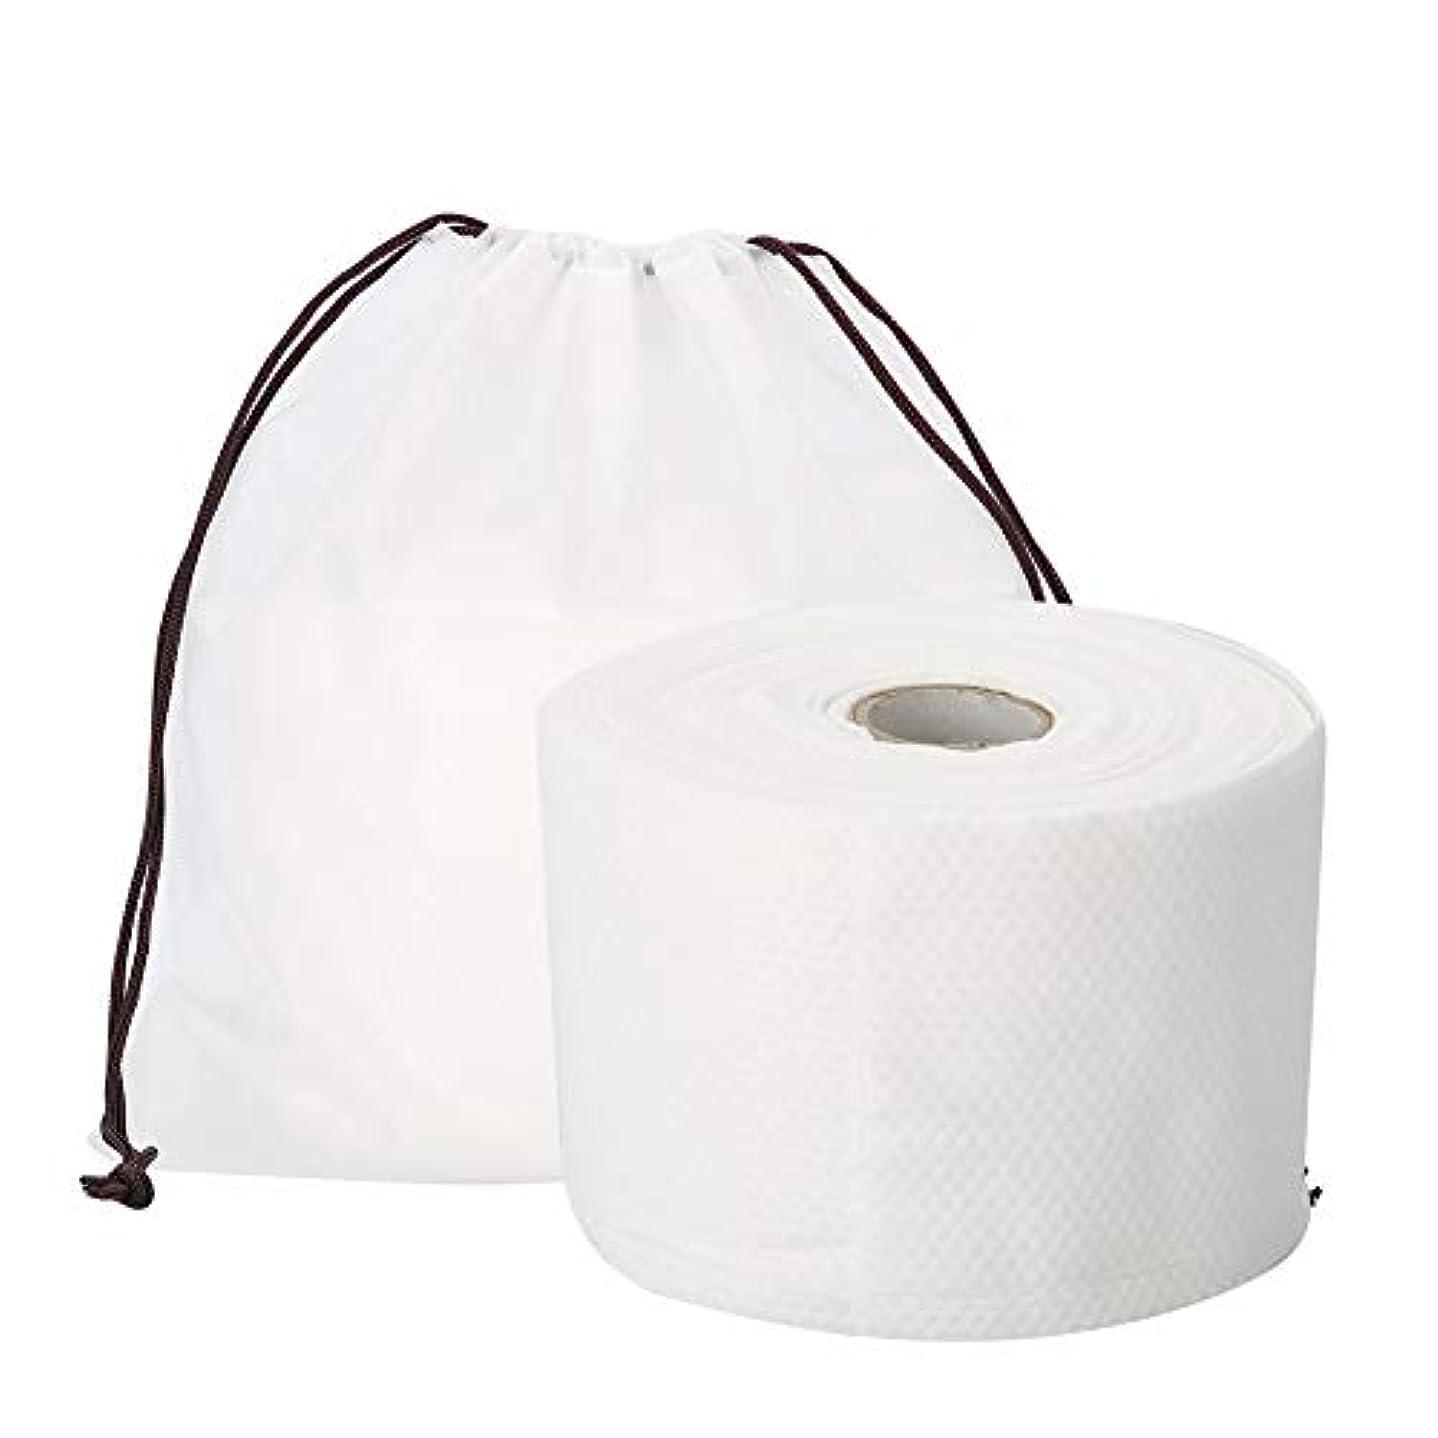 バスケットボールリンケージ受取人Semmeの使い捨て可能なクリーニングのフェイスタオル、毛羽立ちのない綿パッドの構造使い捨て可能なフェイスタオルの柔らかいNonwovenのクリーニングの化粧品の綿パッド25m